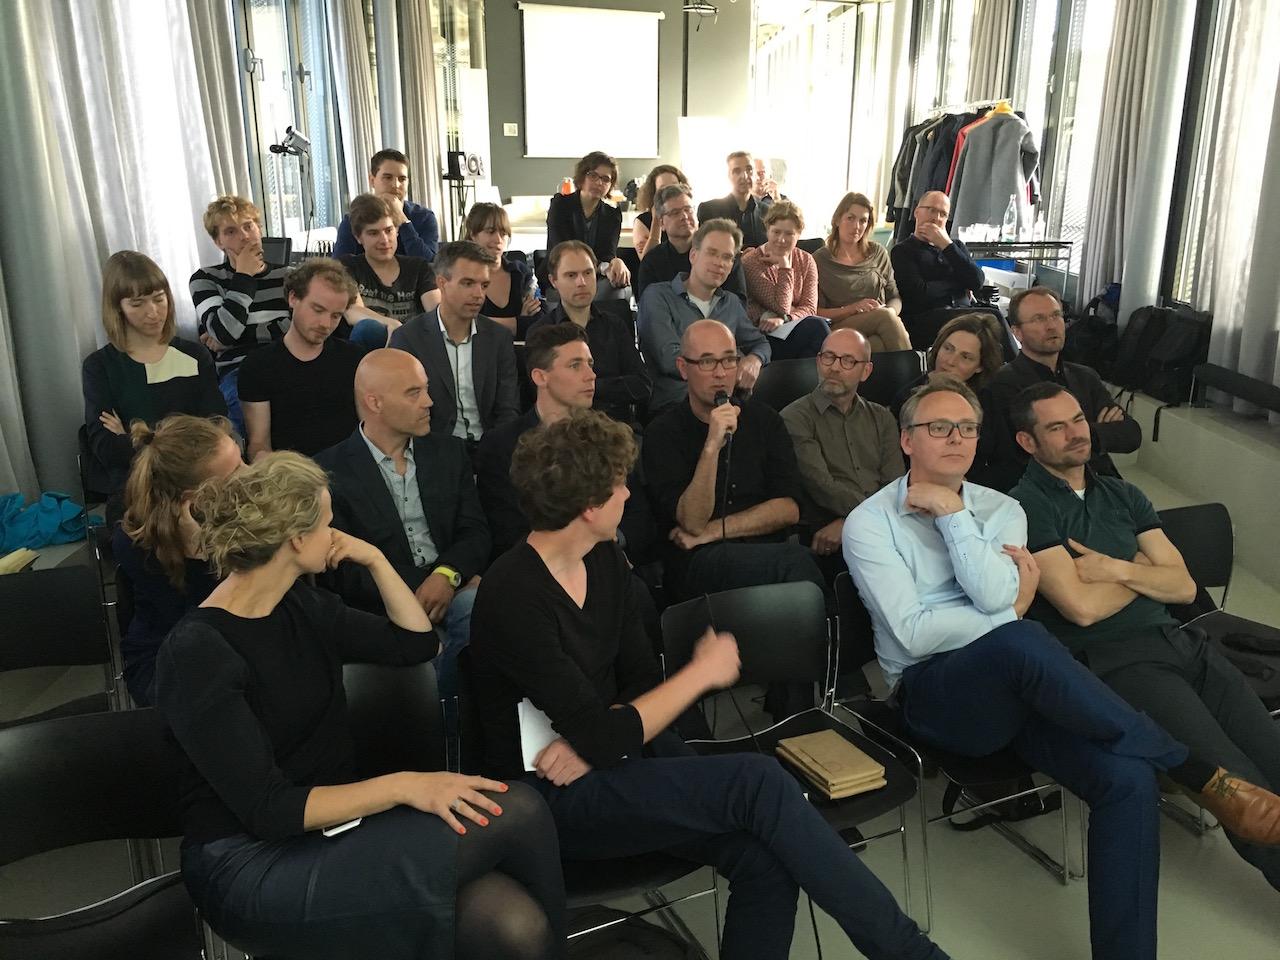 Minisymposium op 19 mei: 'ontwerpen voor de zintuigen' in Het Nieuwe Instituut, Rotterdam. Gemodereerd door Henri Snel (Dutch)